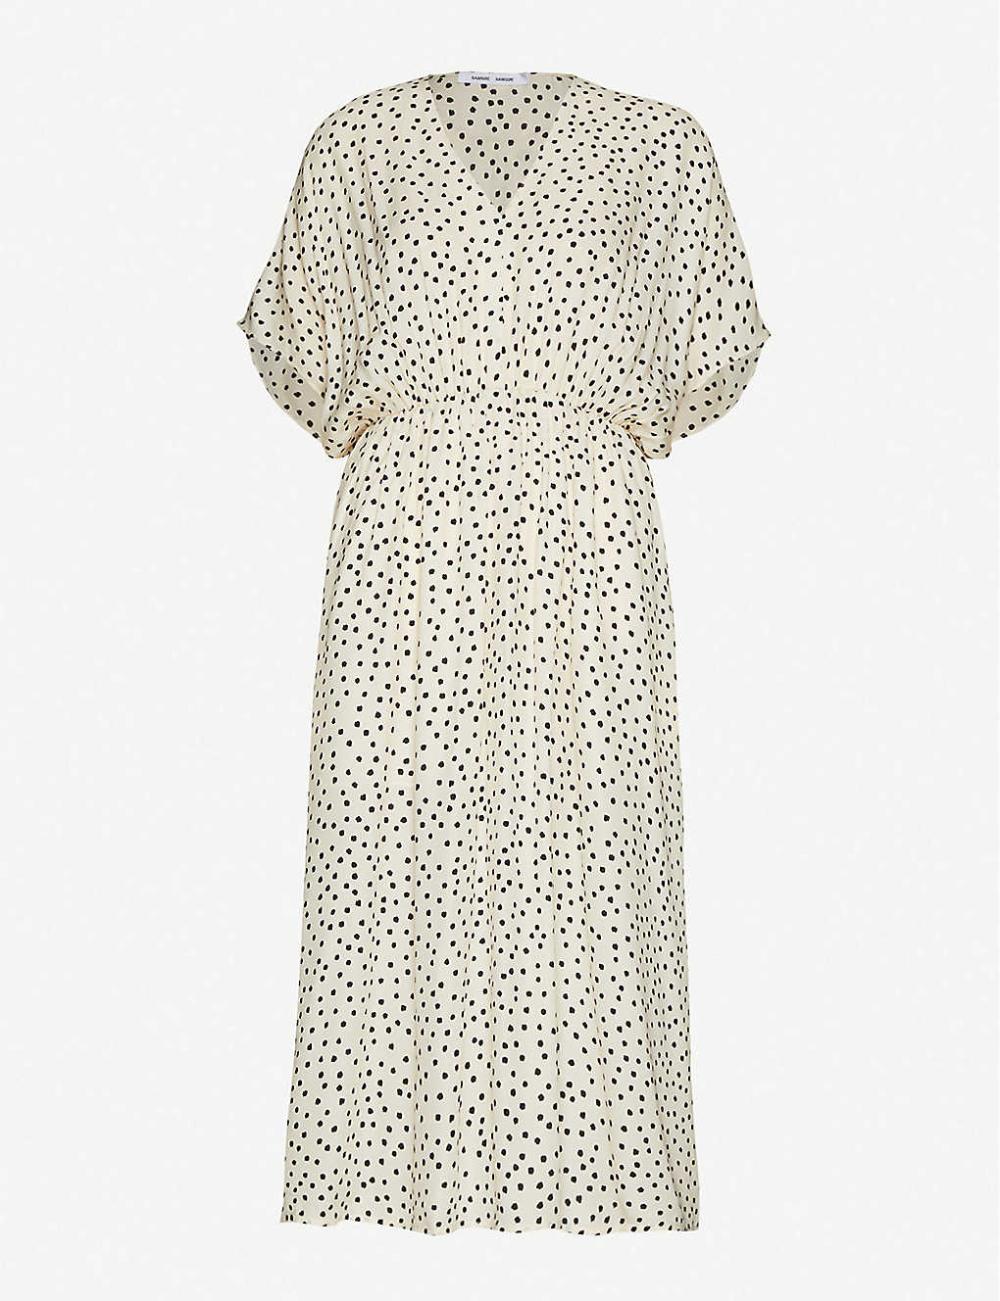 SAMSOE & SAMSOE - Andina polka-dot woven midi dress | Selfridges.com